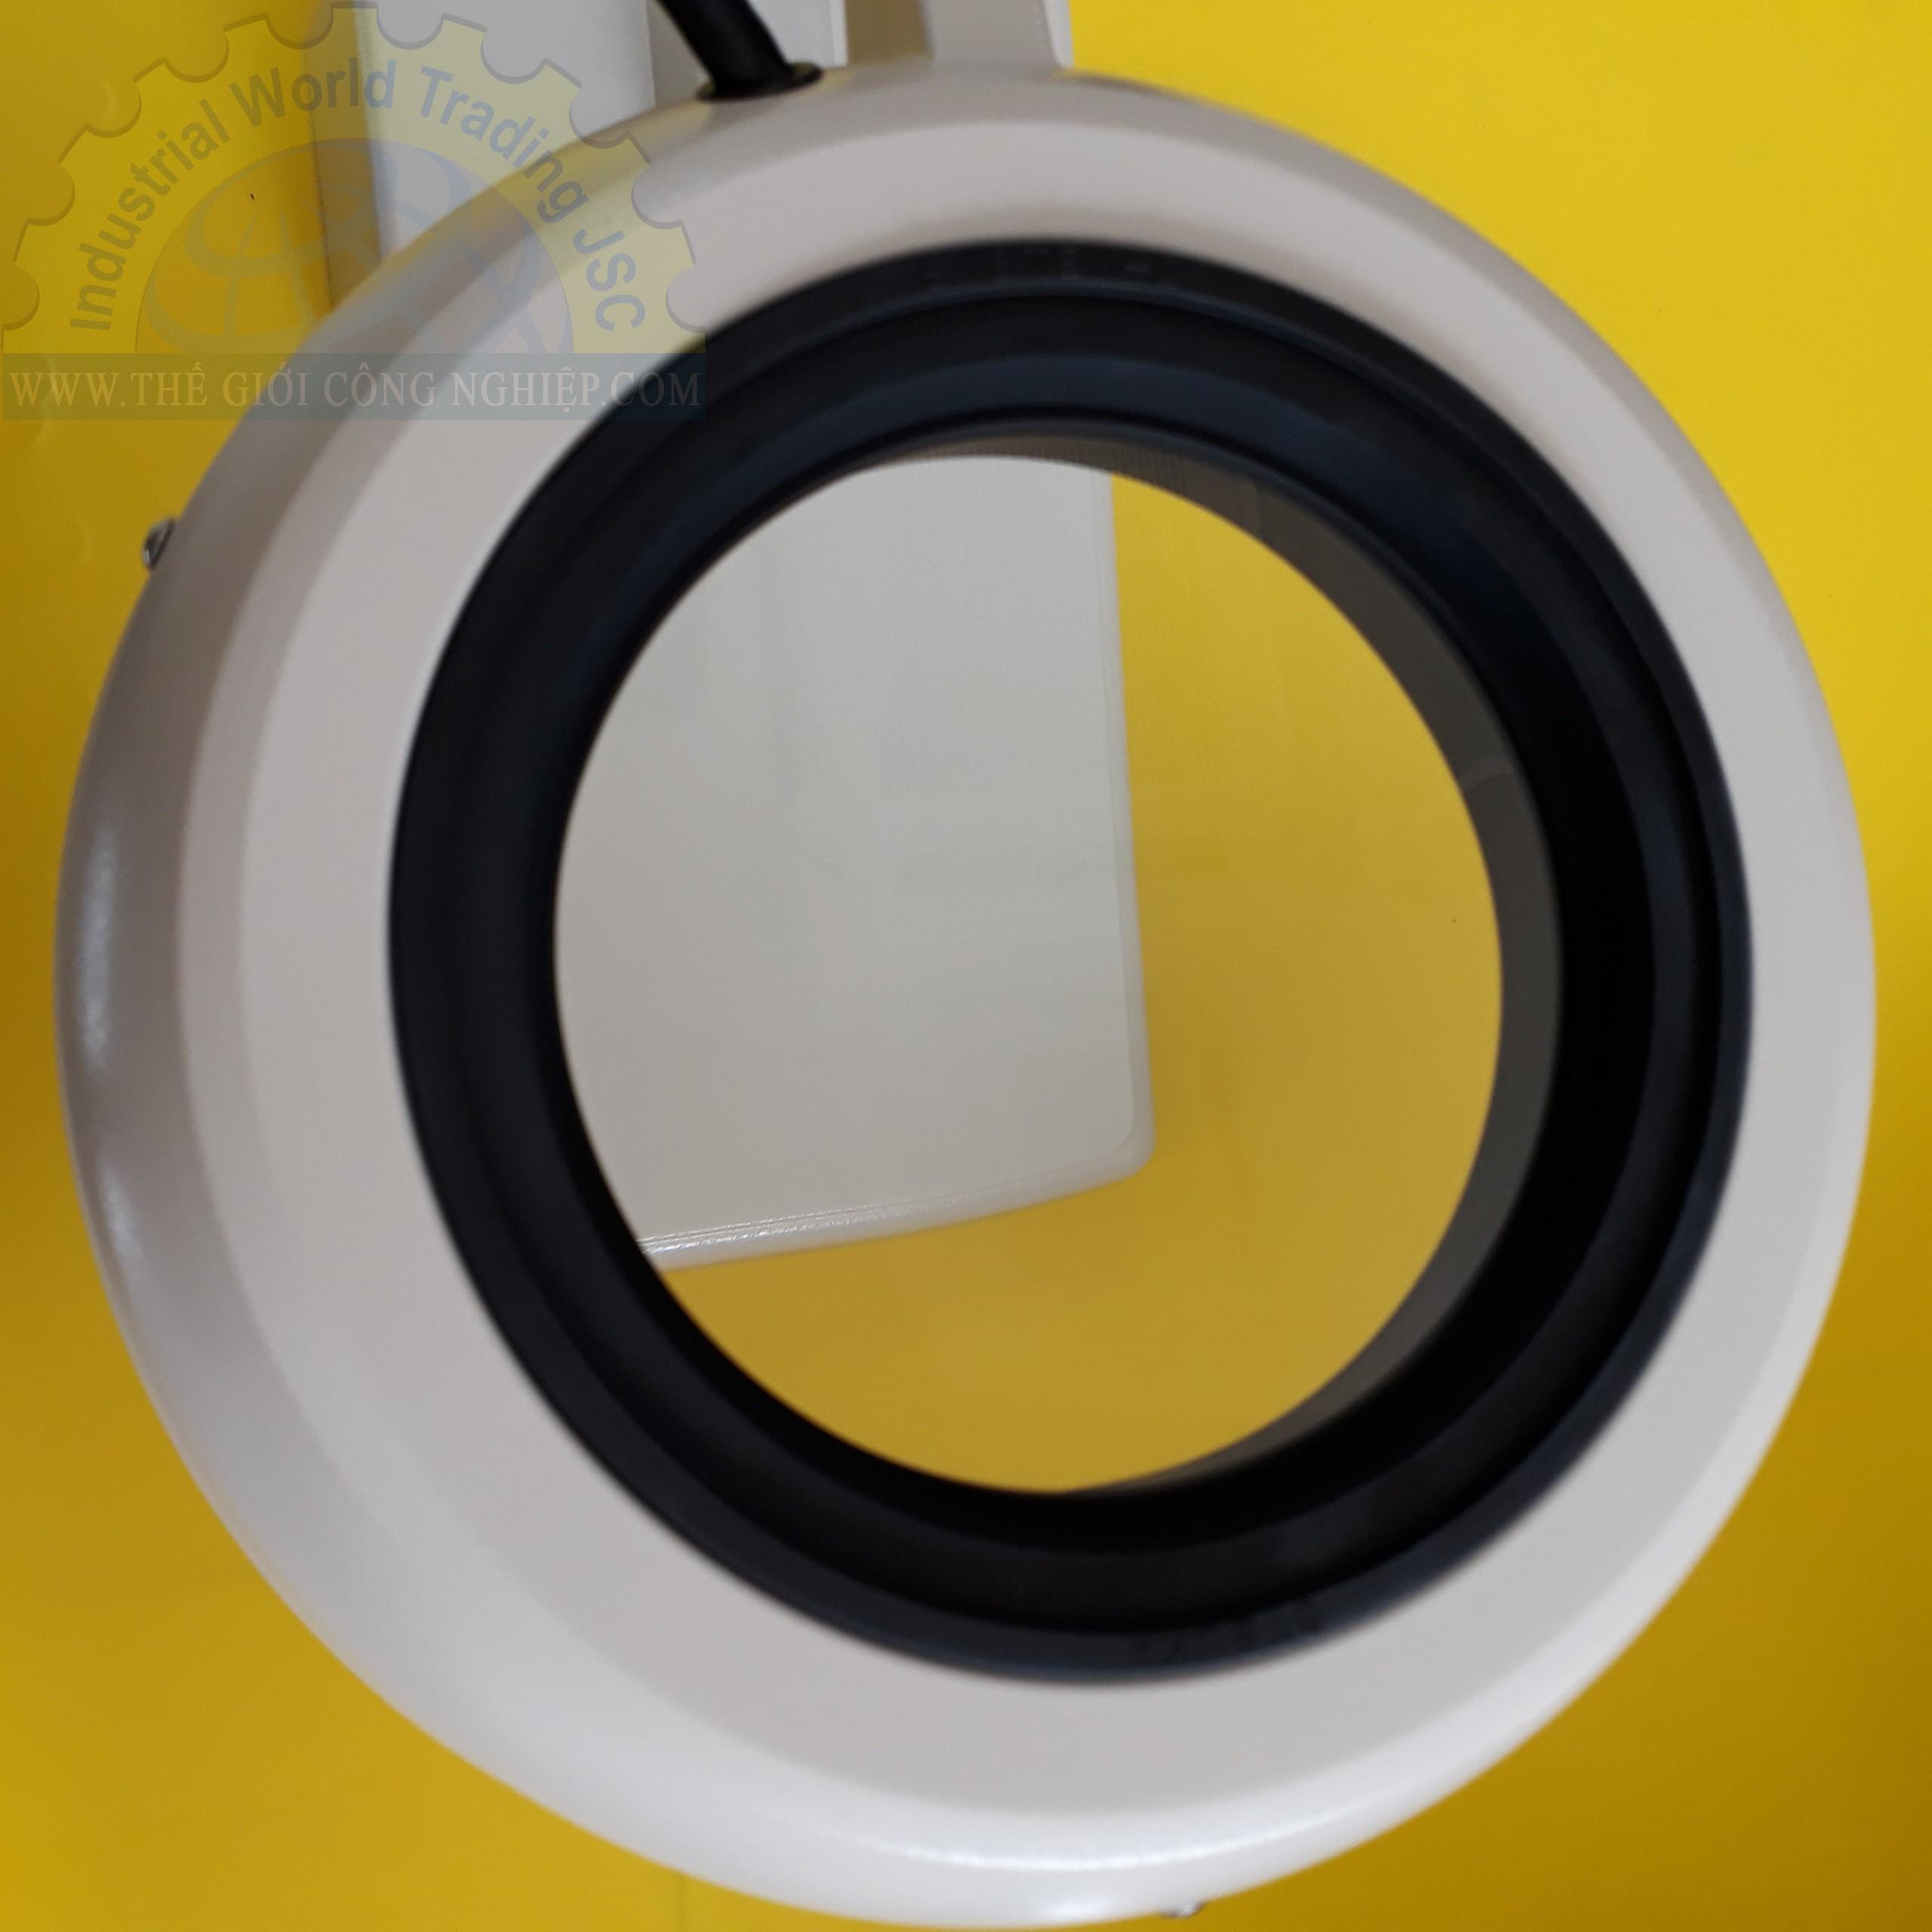 Illuminated magnifier  SKK-B 2X OTSUKA